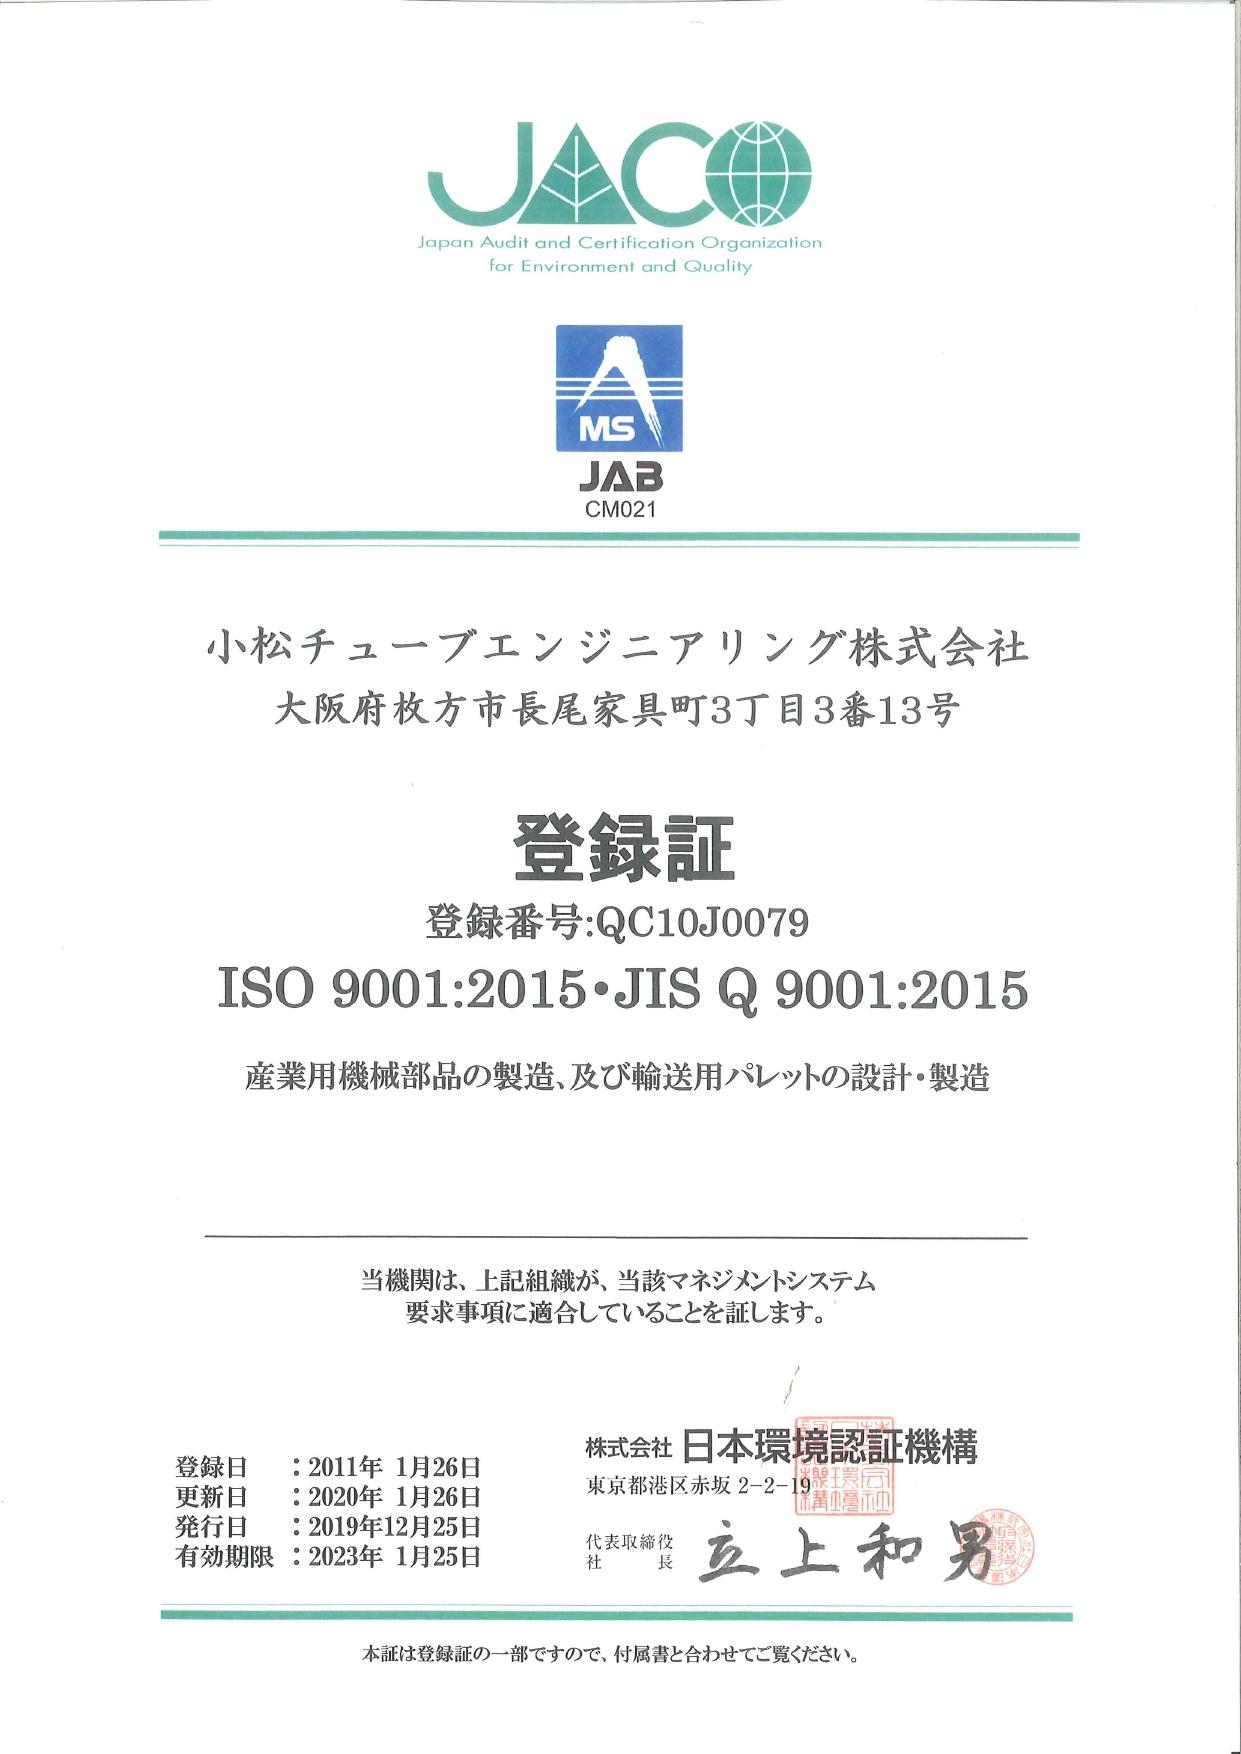 ISO2018tube9001_capt